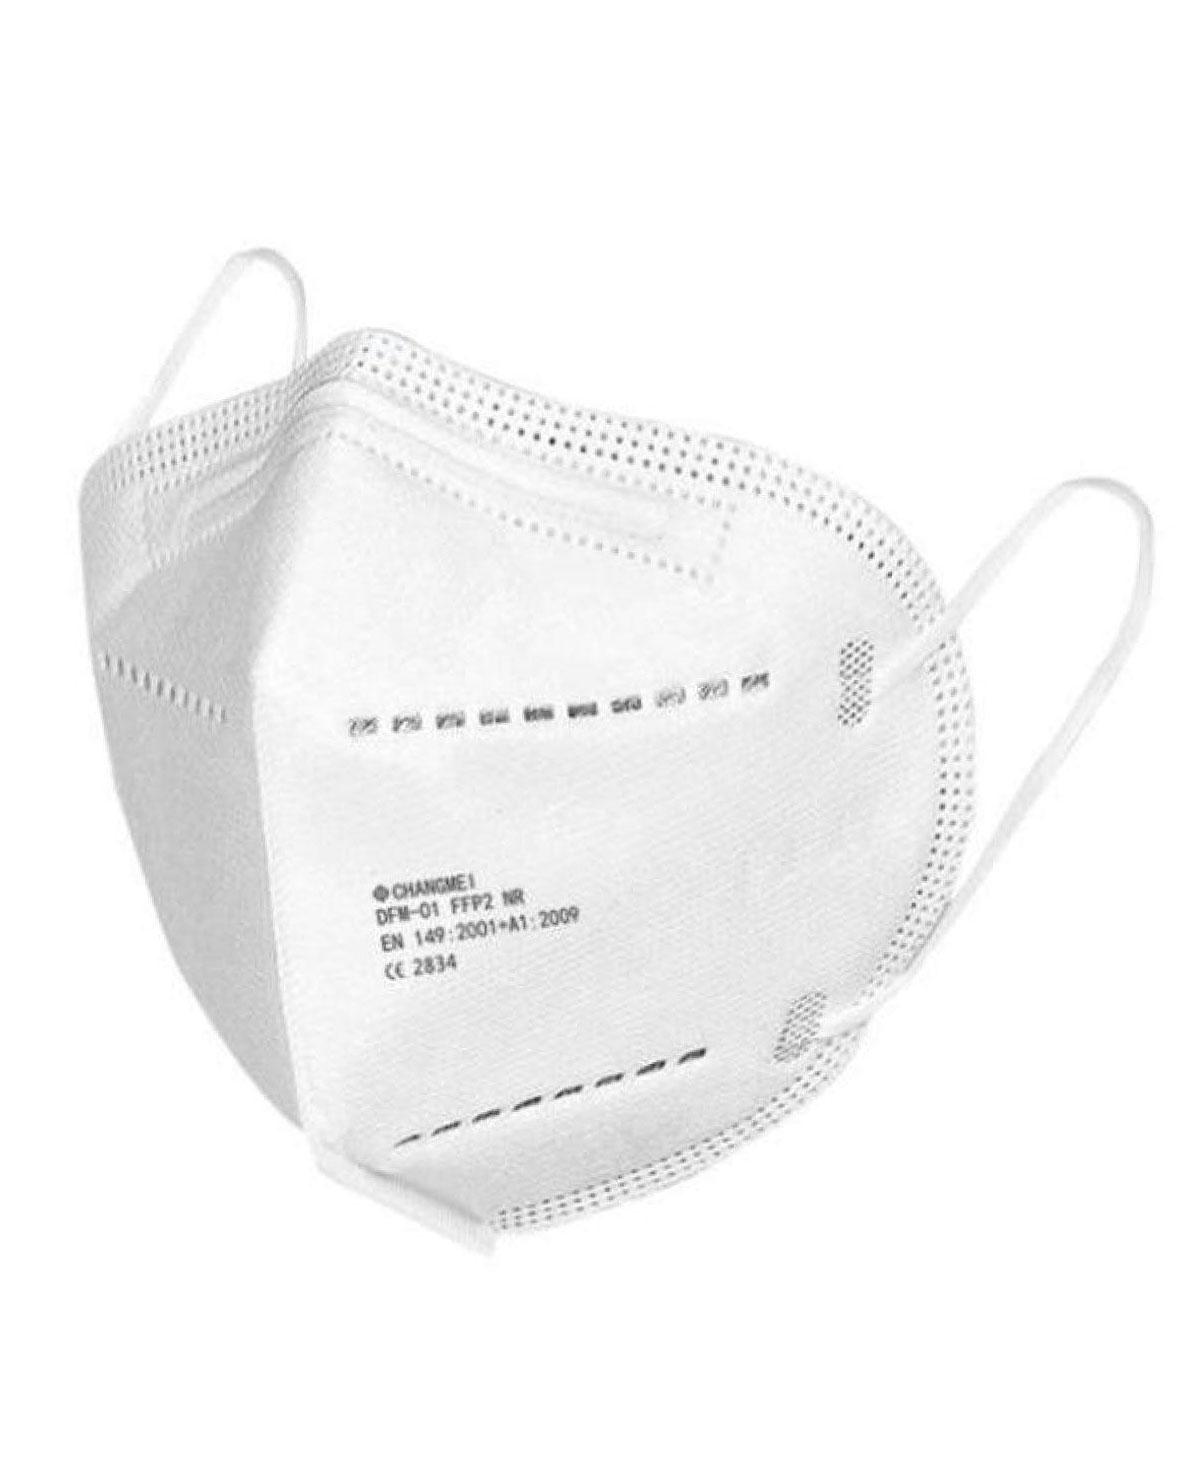 FFP2 NR Atemschutzmaske, 10 Stk.